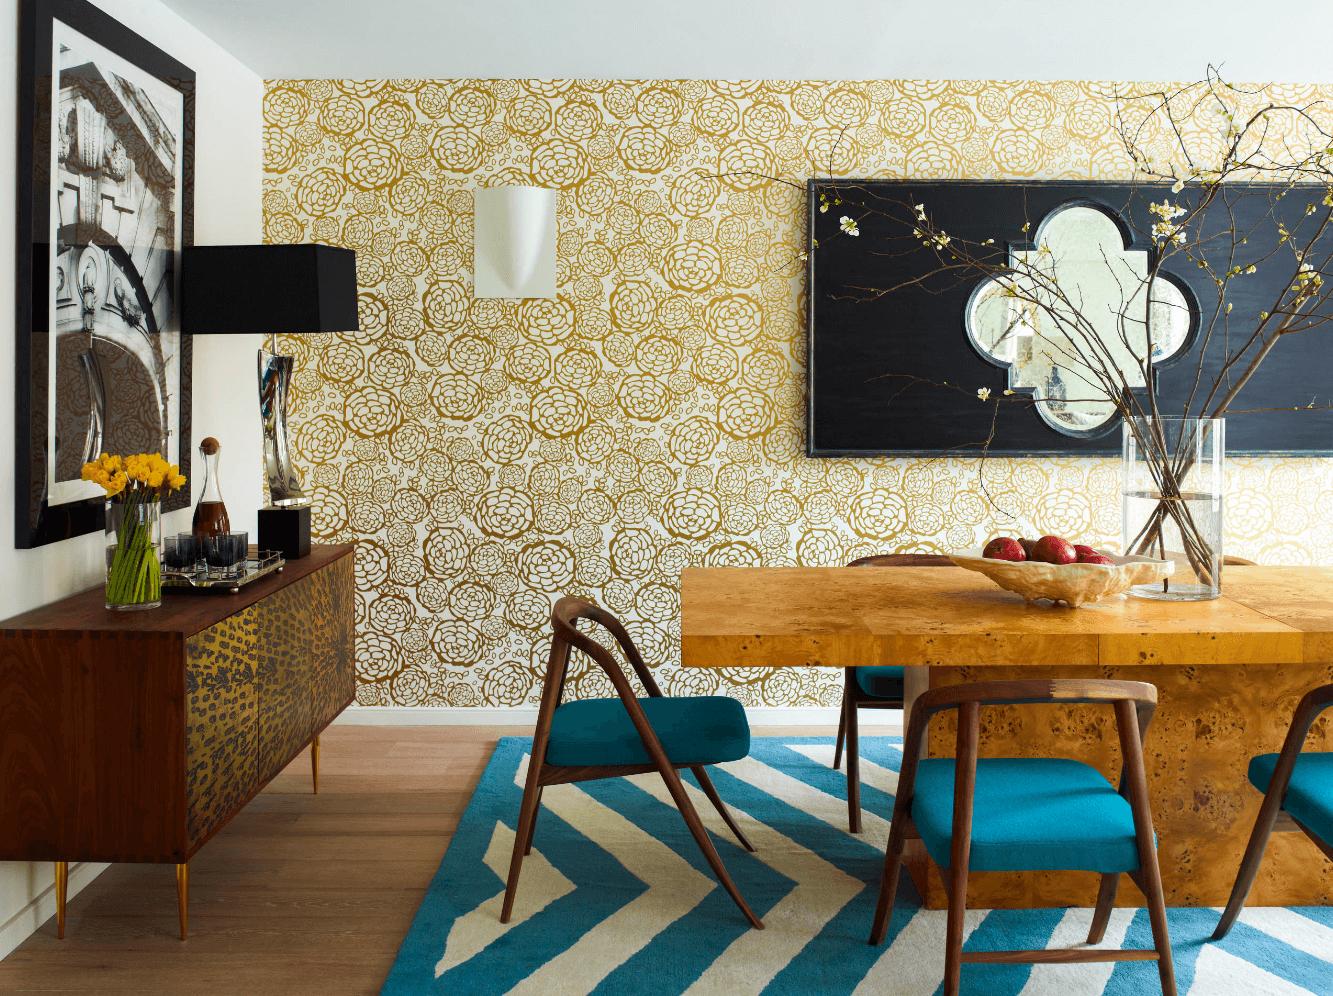 Salle à manger tendance avec tapis et chaises colorés